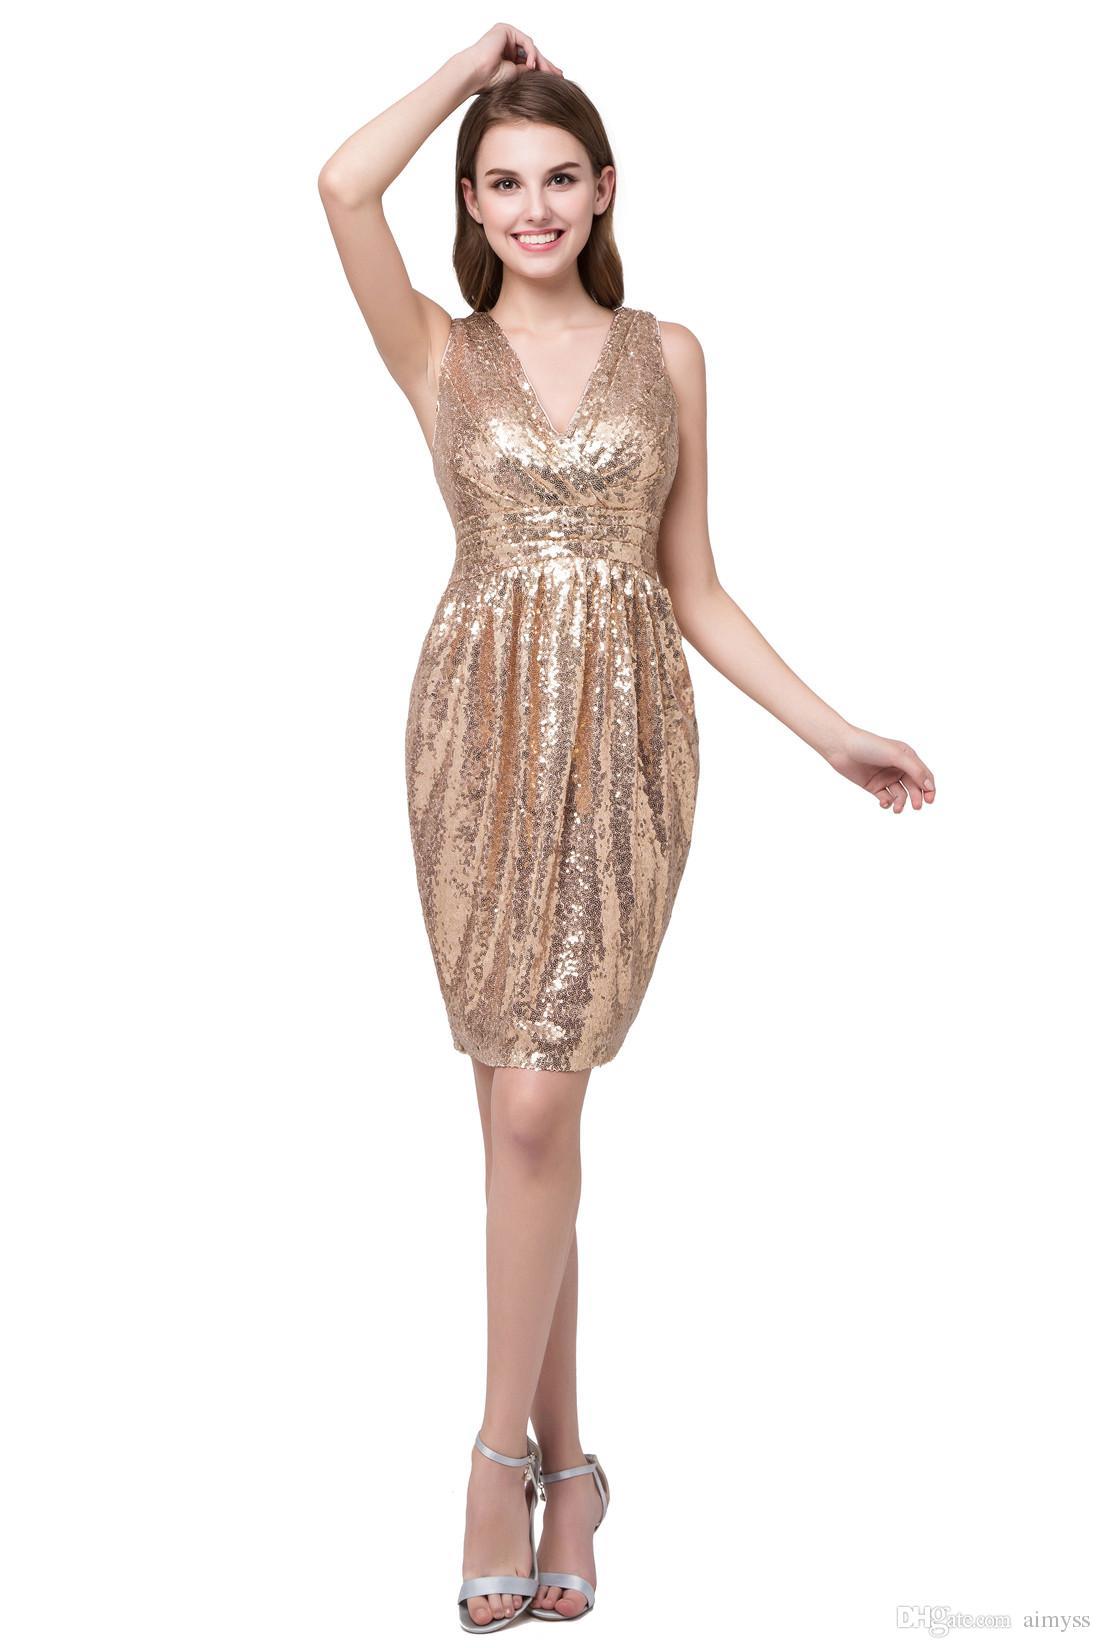 Acheter En Gros Paillettes Pas Cher Courtes Robes De Demoiselle D honneur  Mini V Party Party Dress Sparkle Robe De Cocktail De  75.38 Du Aimyss    Dhgate.Com 6fa12e83aeb5